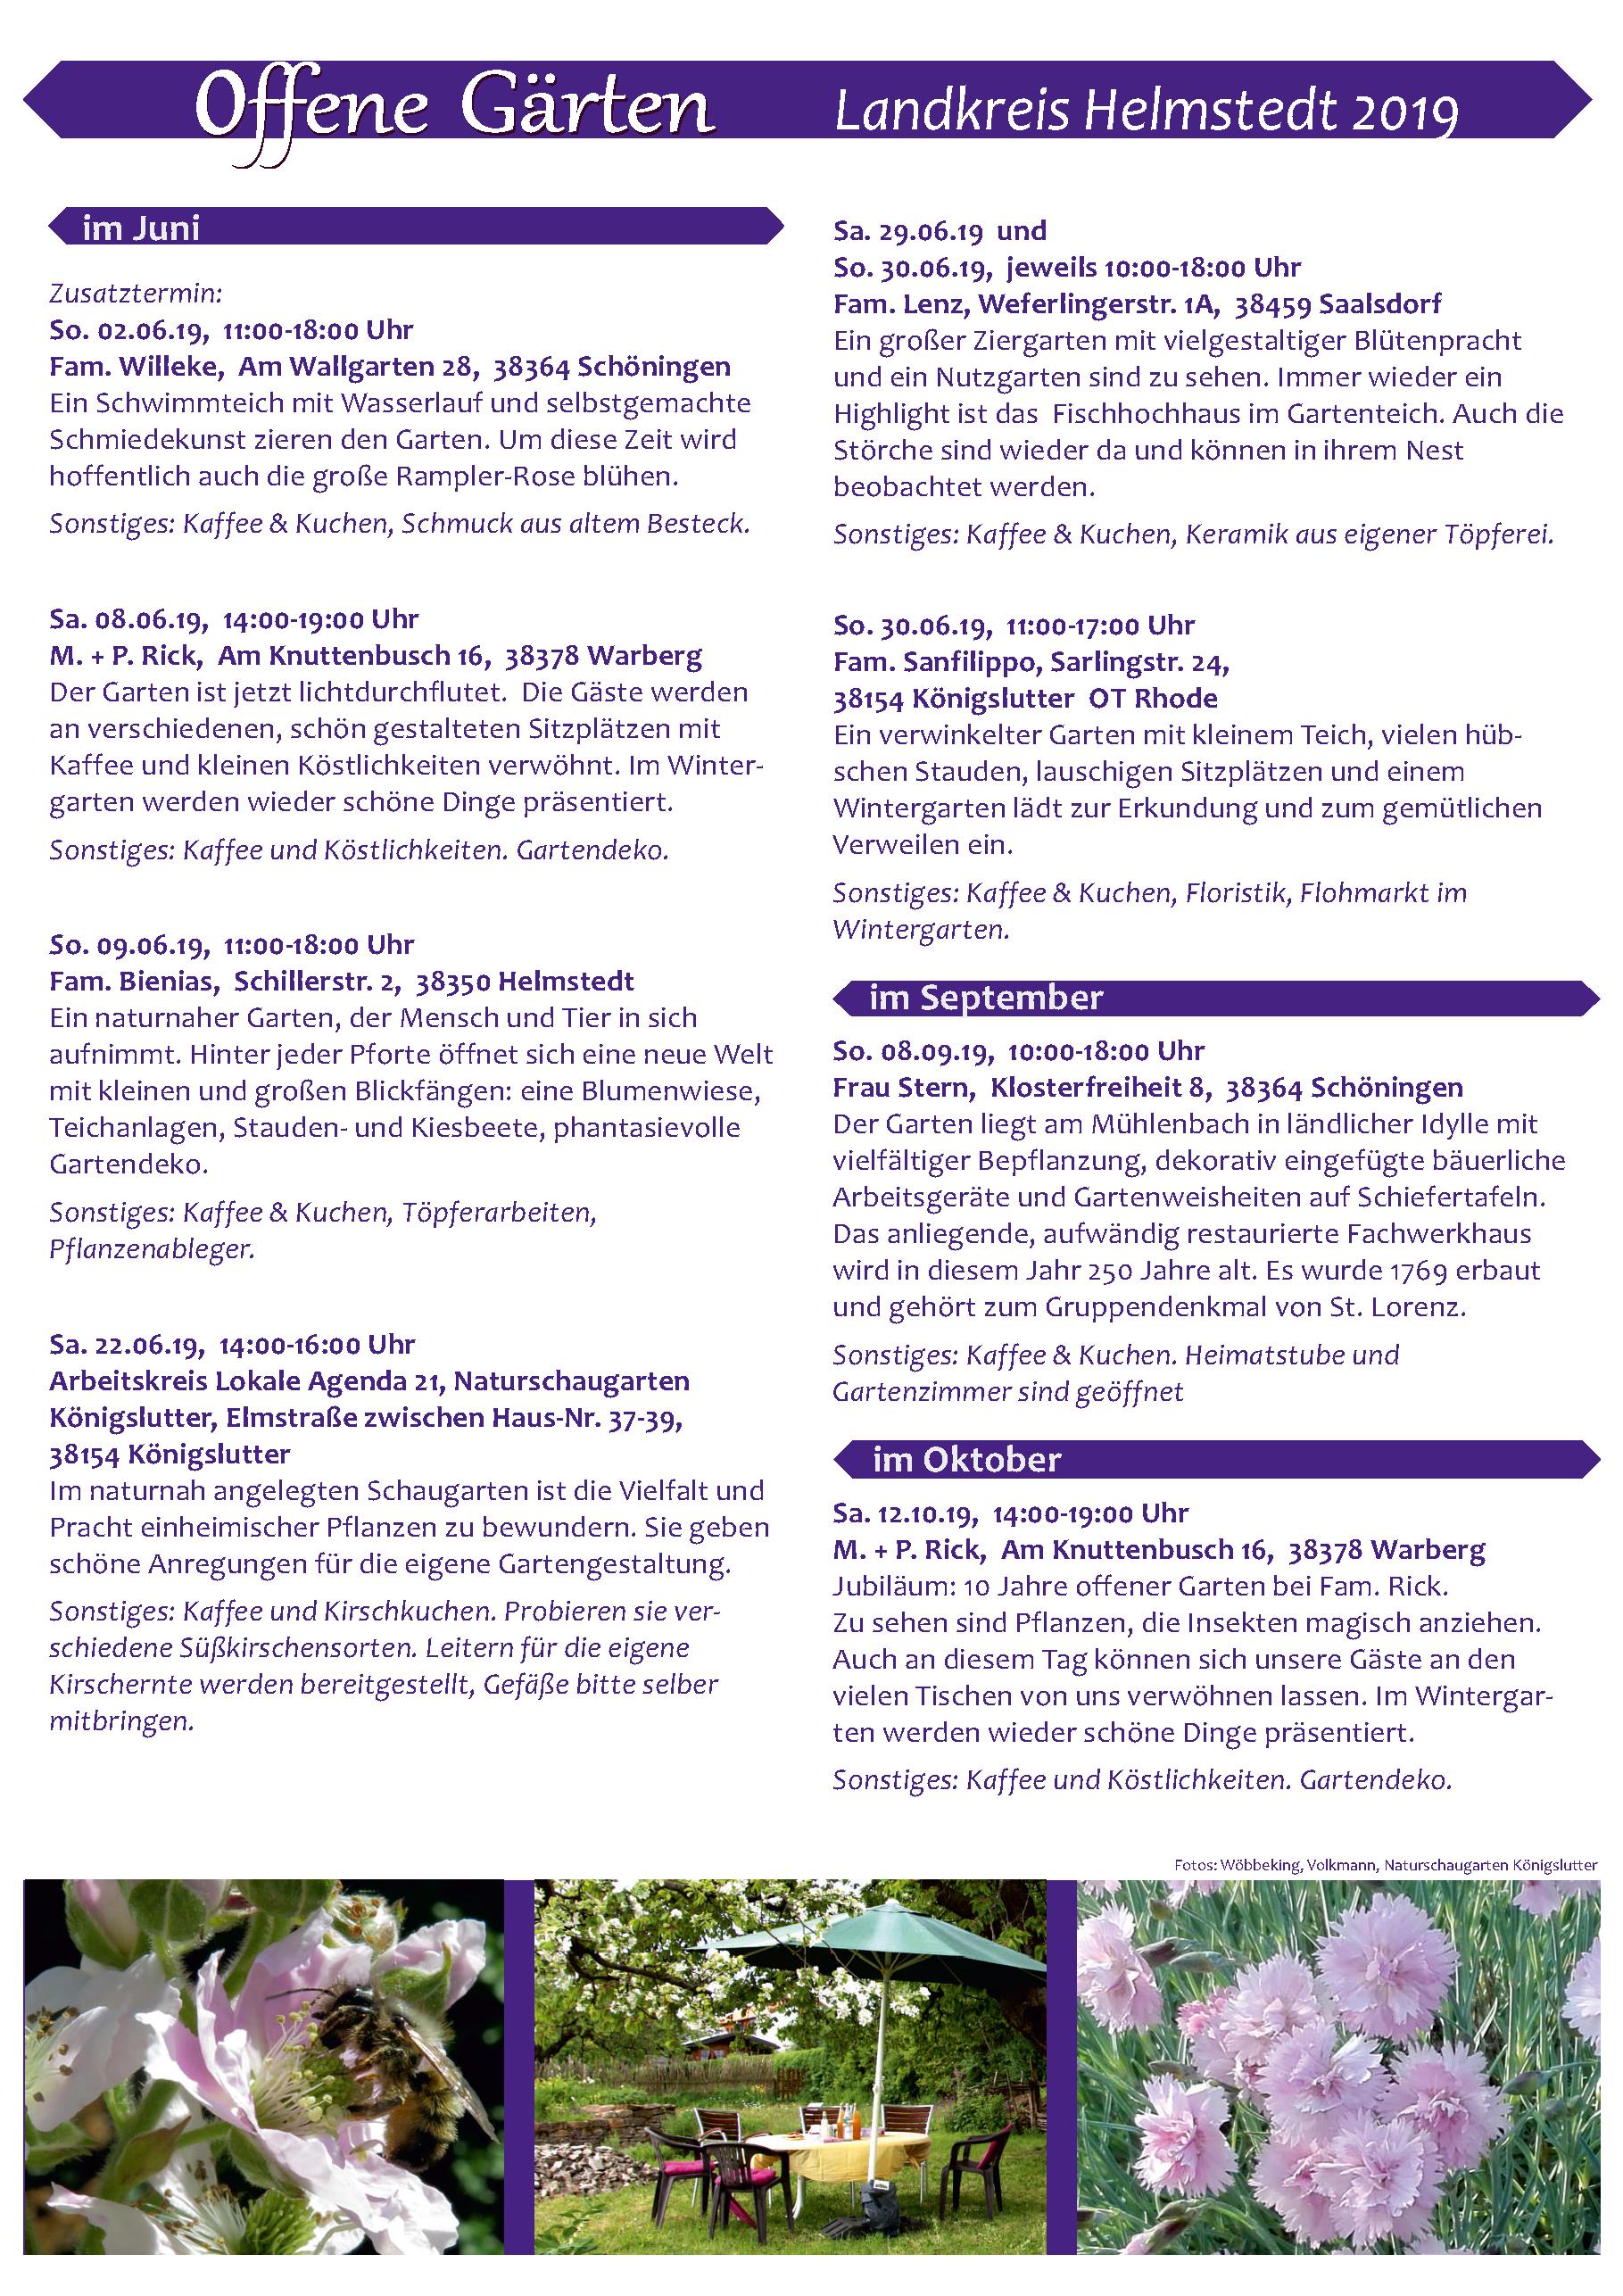 Offener Garten Bei Fam Bienias In Helmstedt